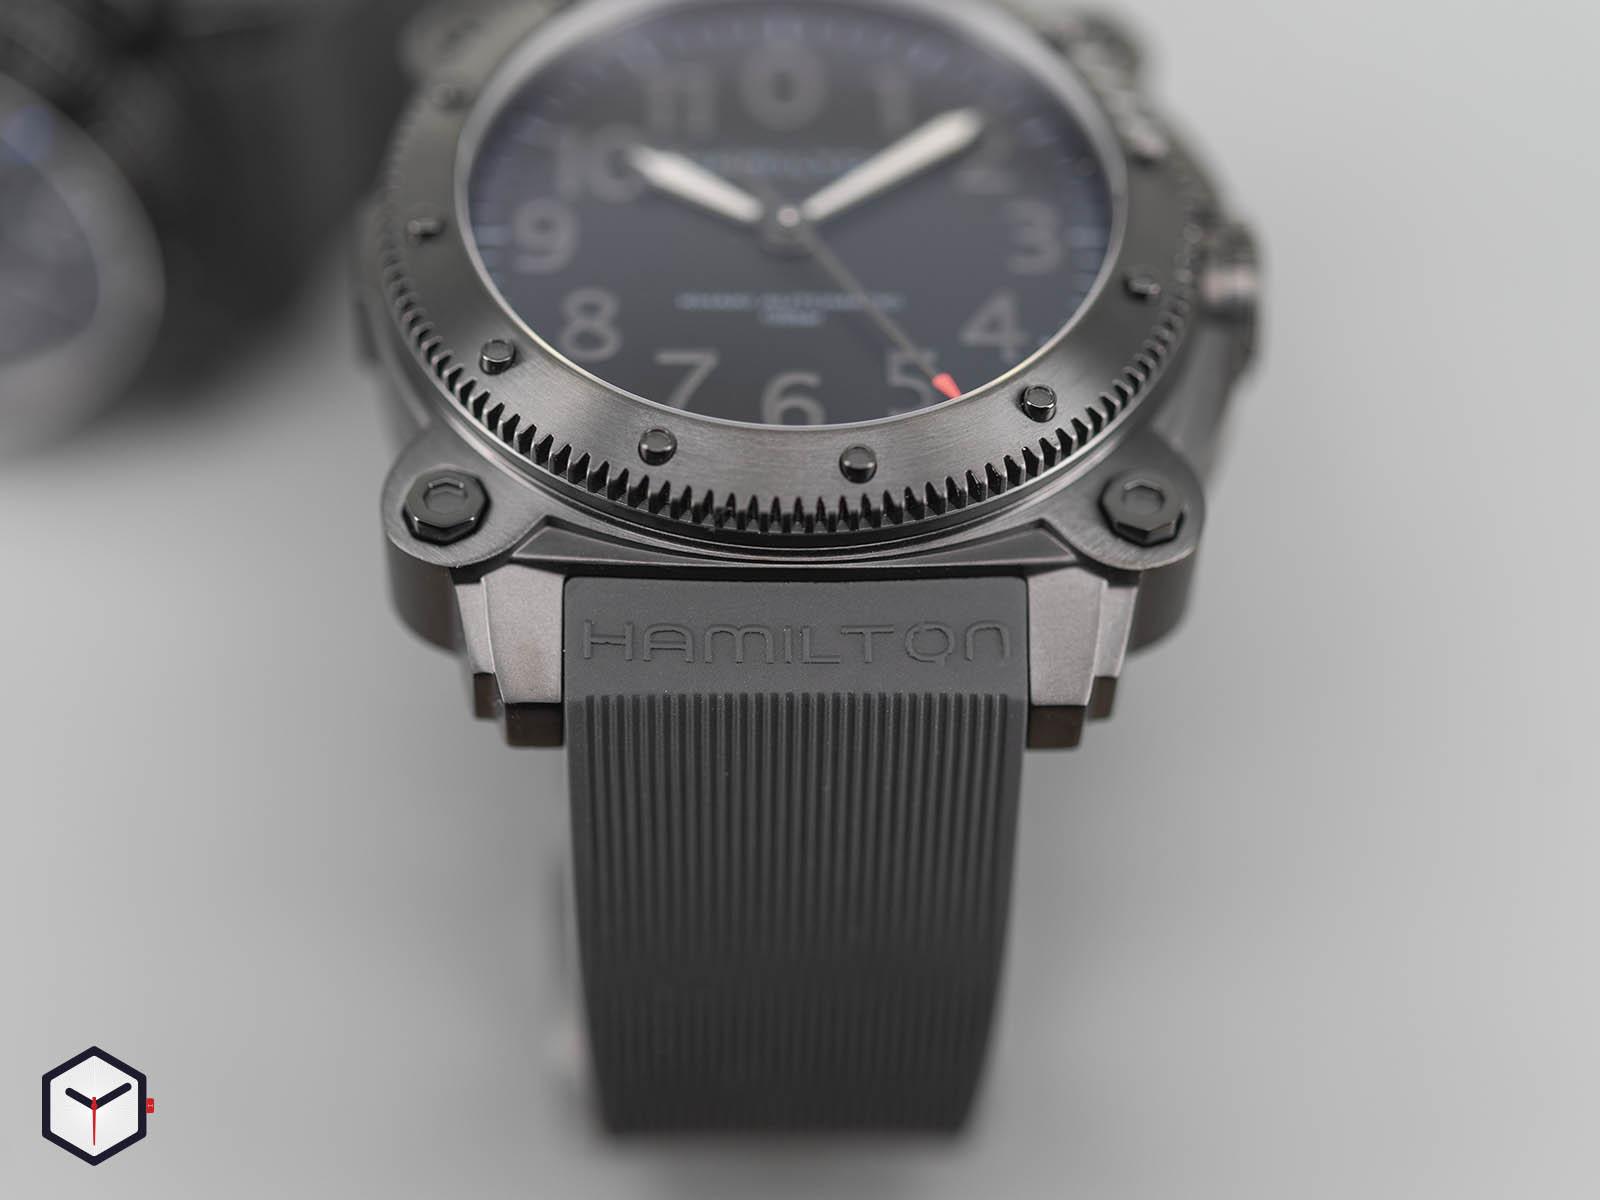 h78505332-hamilton-khaki-navy-belowzero-6.jpg